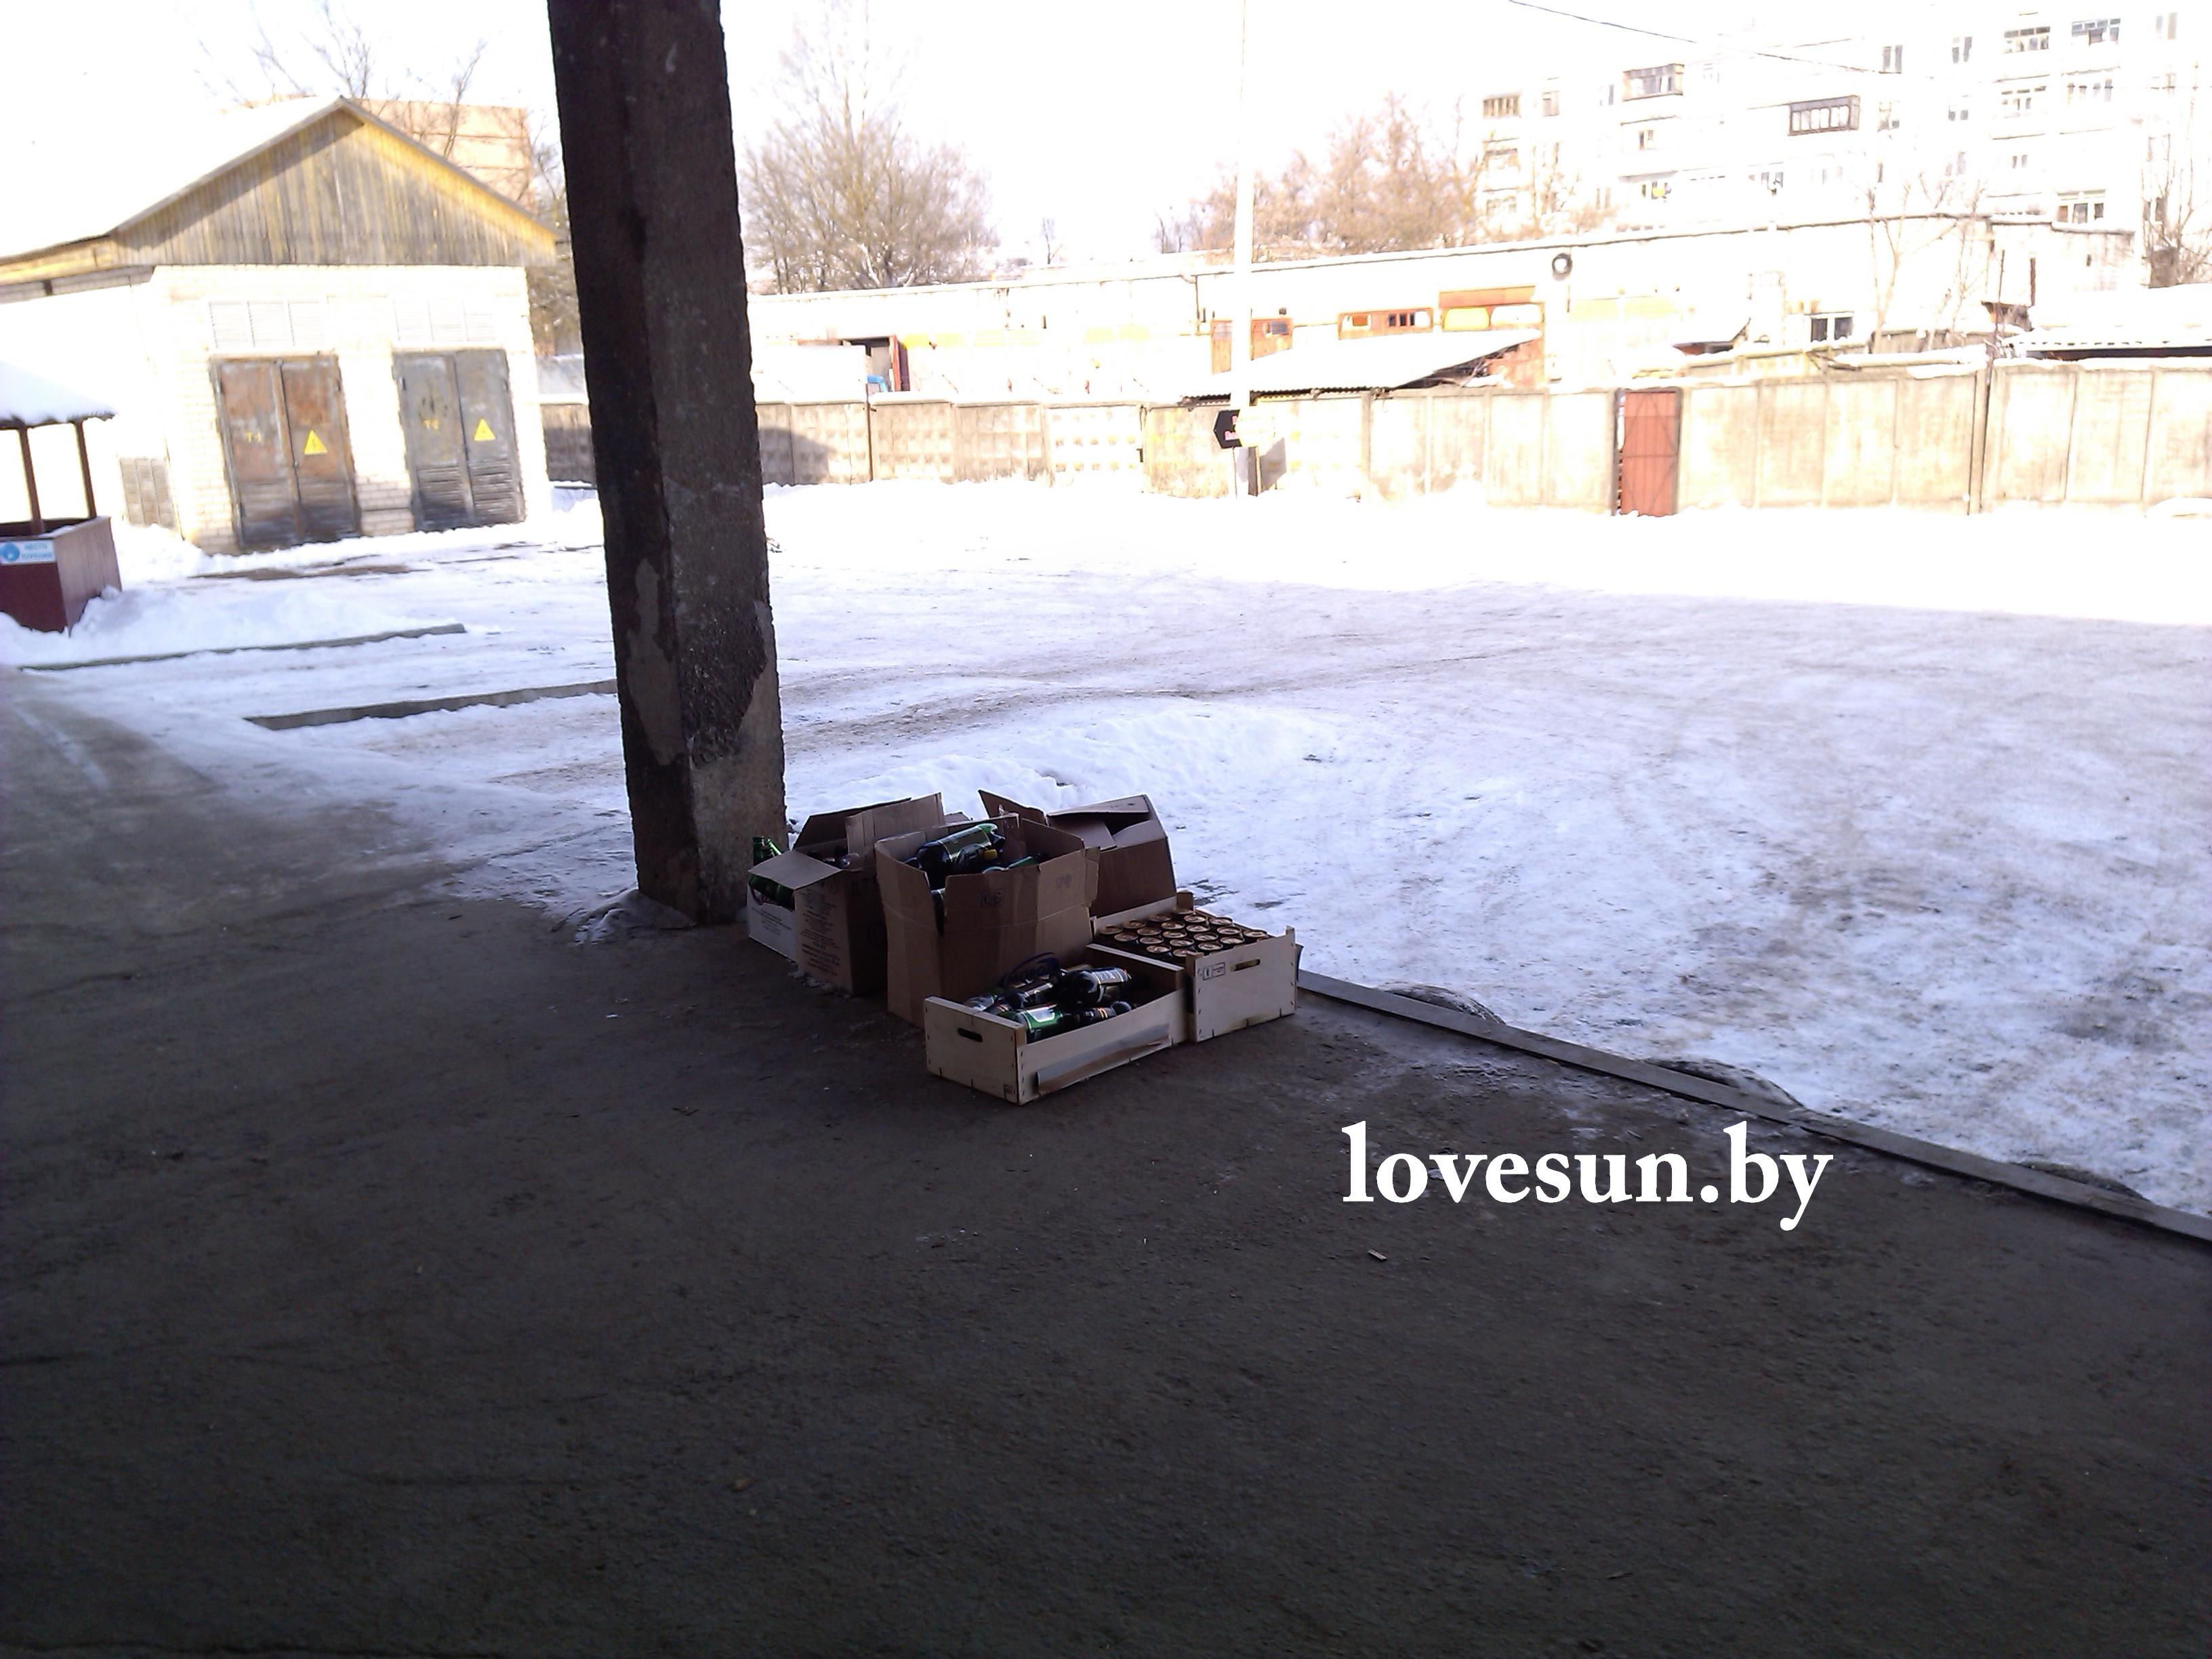 Хайнекен Светлогорск, lovesun.by